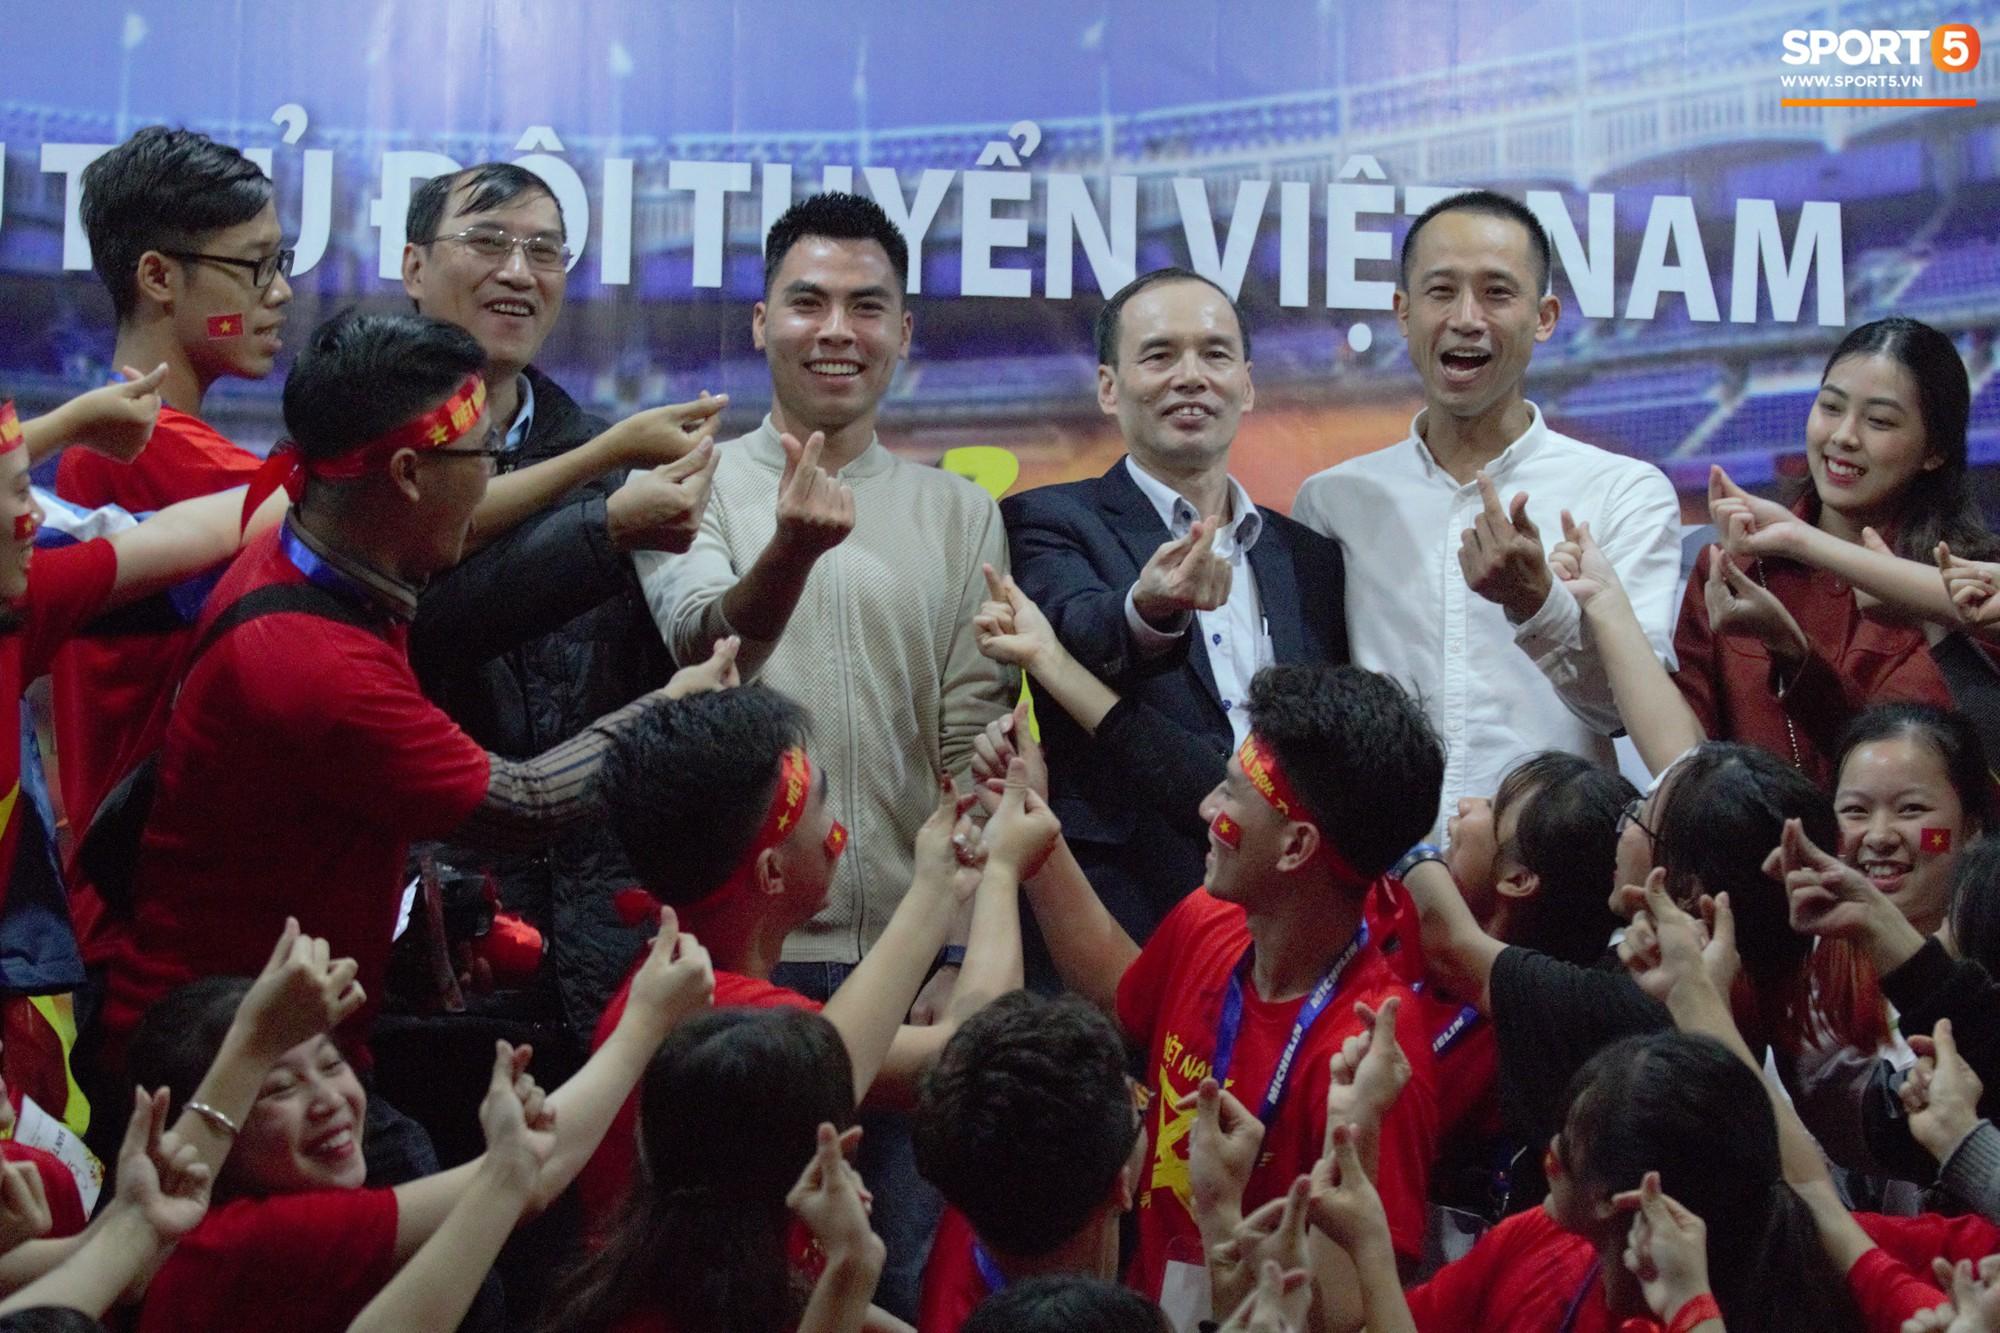 Nhà vô địch Phạm Đức Huy truyền cảm hứng cho sinh viên Học viện Công nghệ Bưu chính Viễn thông - Ảnh 1.